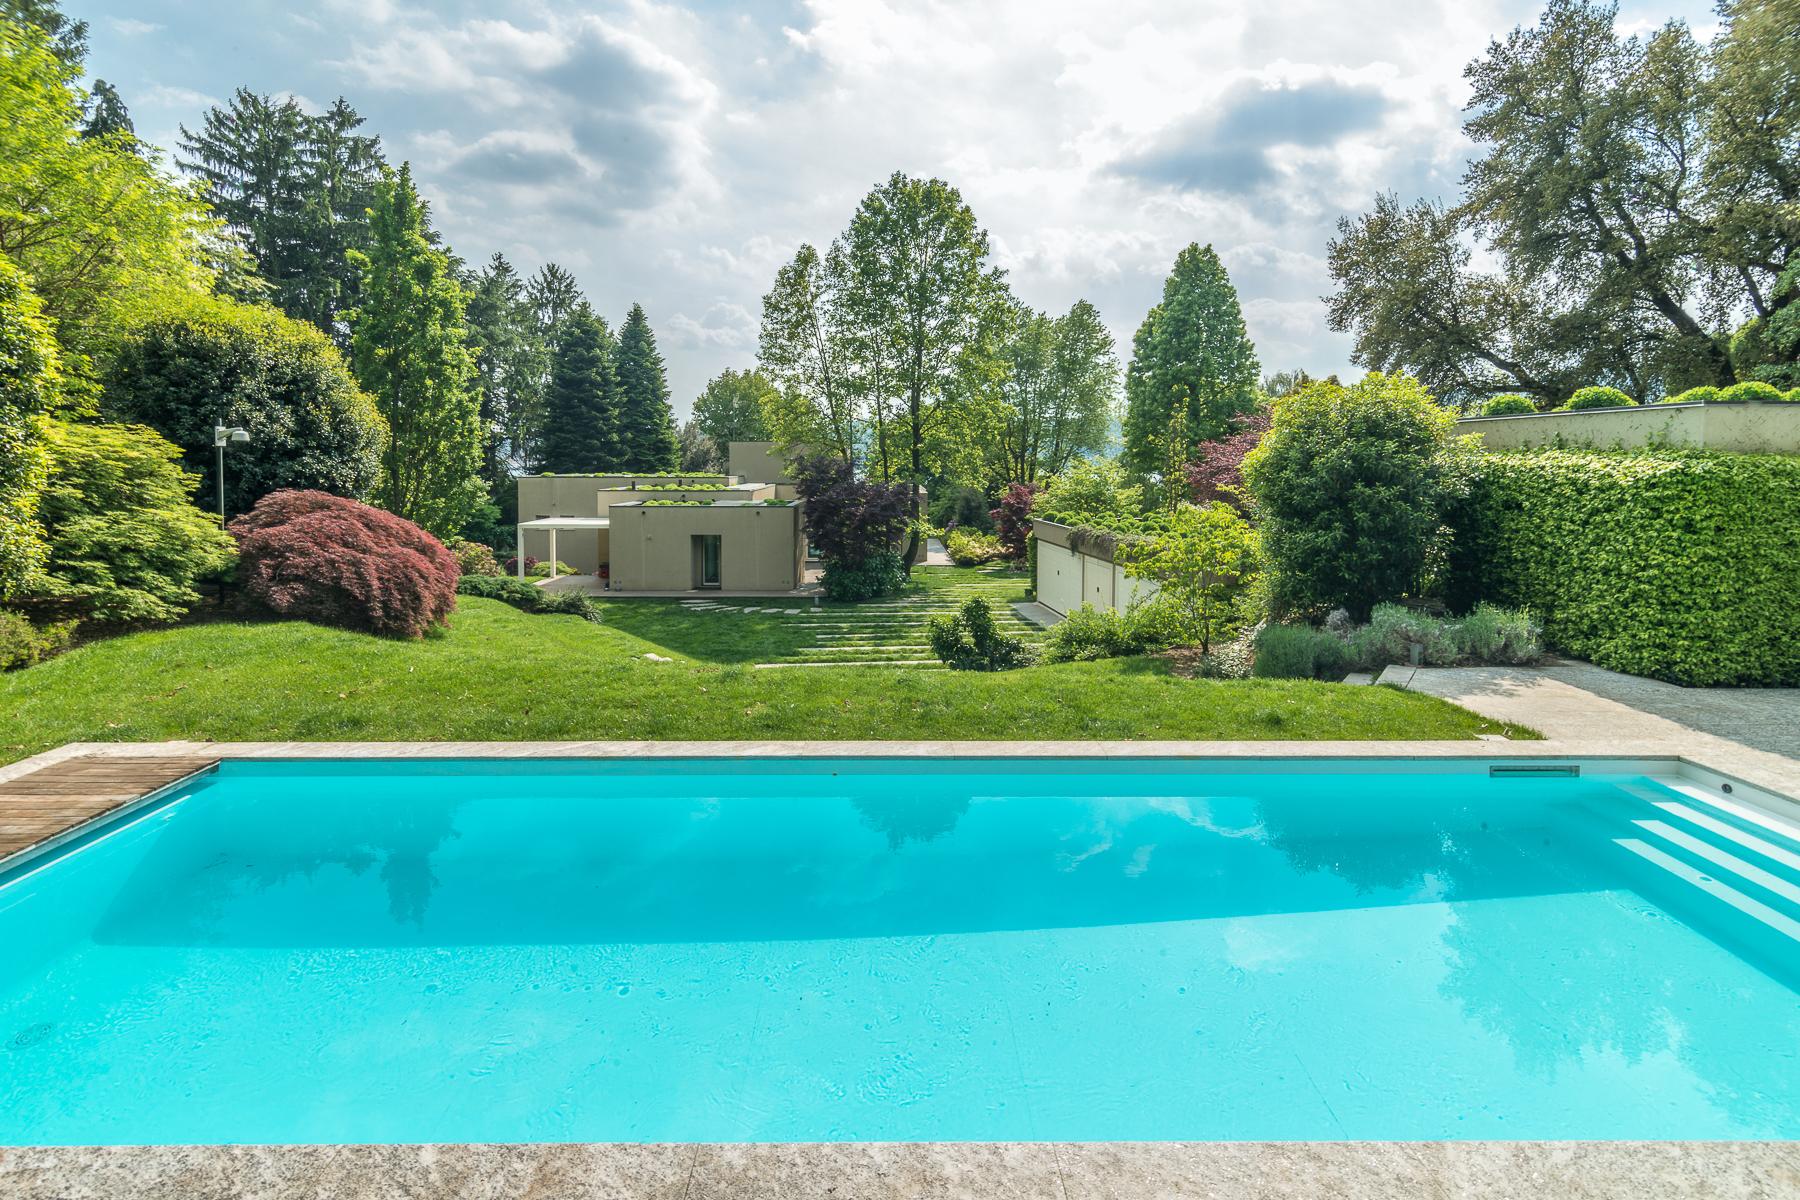 Villa in Vendita a Angera: 5 locali, 460 mq - Foto 27